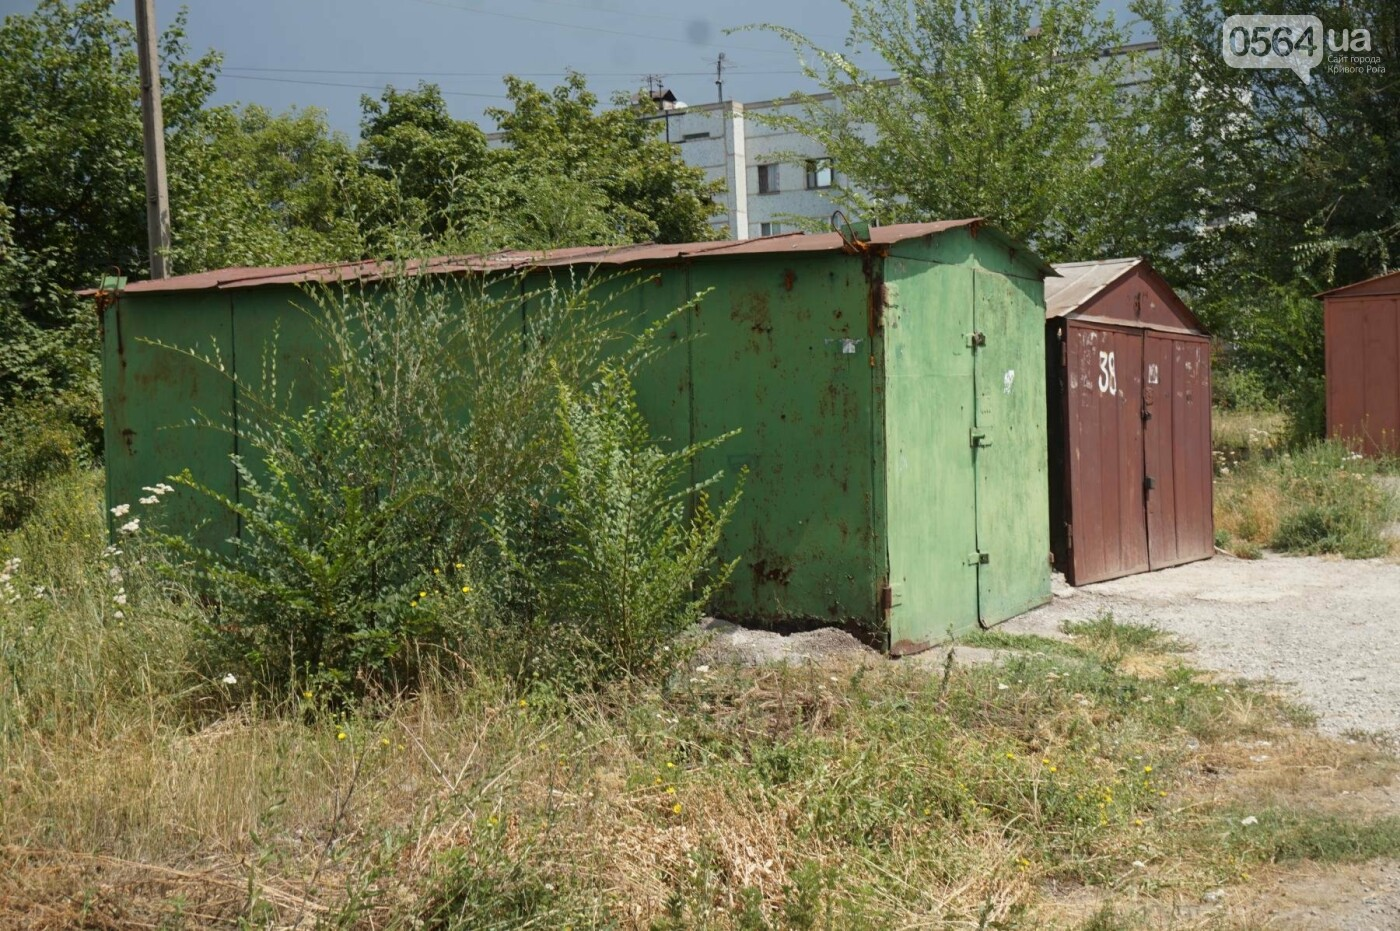 """""""Поле чудес"""": криворожане не могут добиться помощи властей, чтобы снести незаконные постройки и создать сквер, - ФОТО, фото-51"""